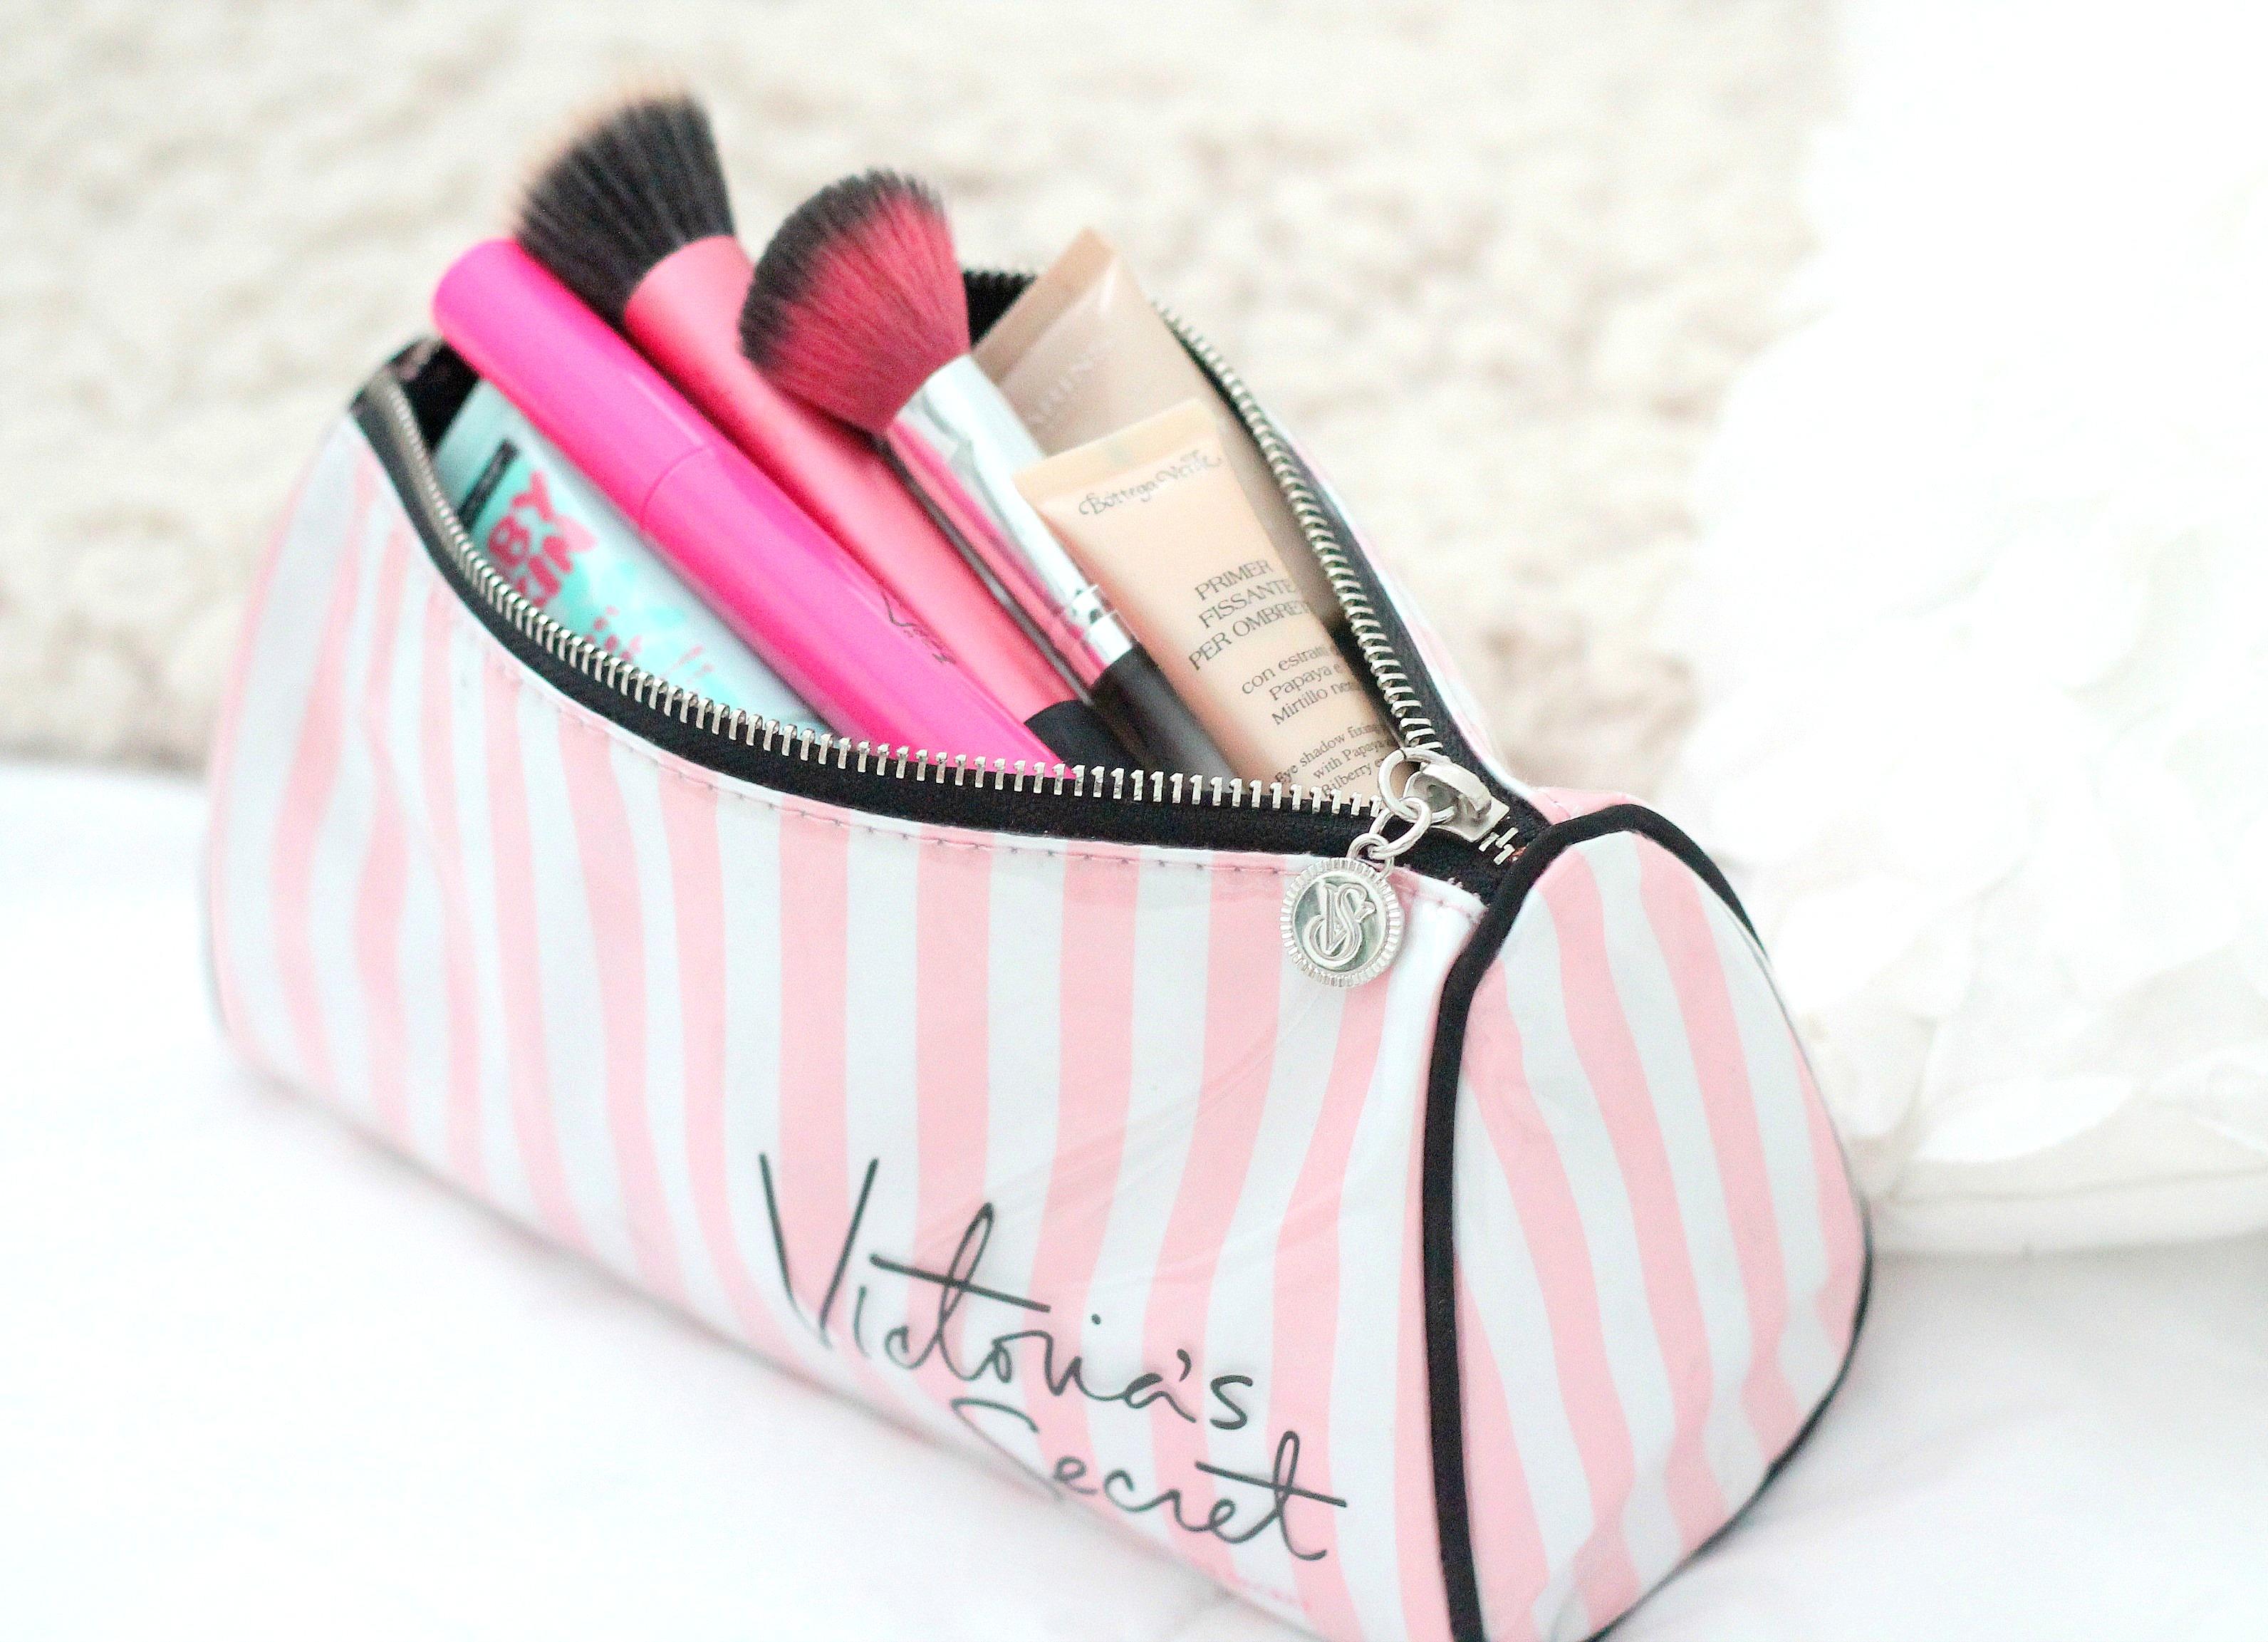 Victoaria's secret makeup bag